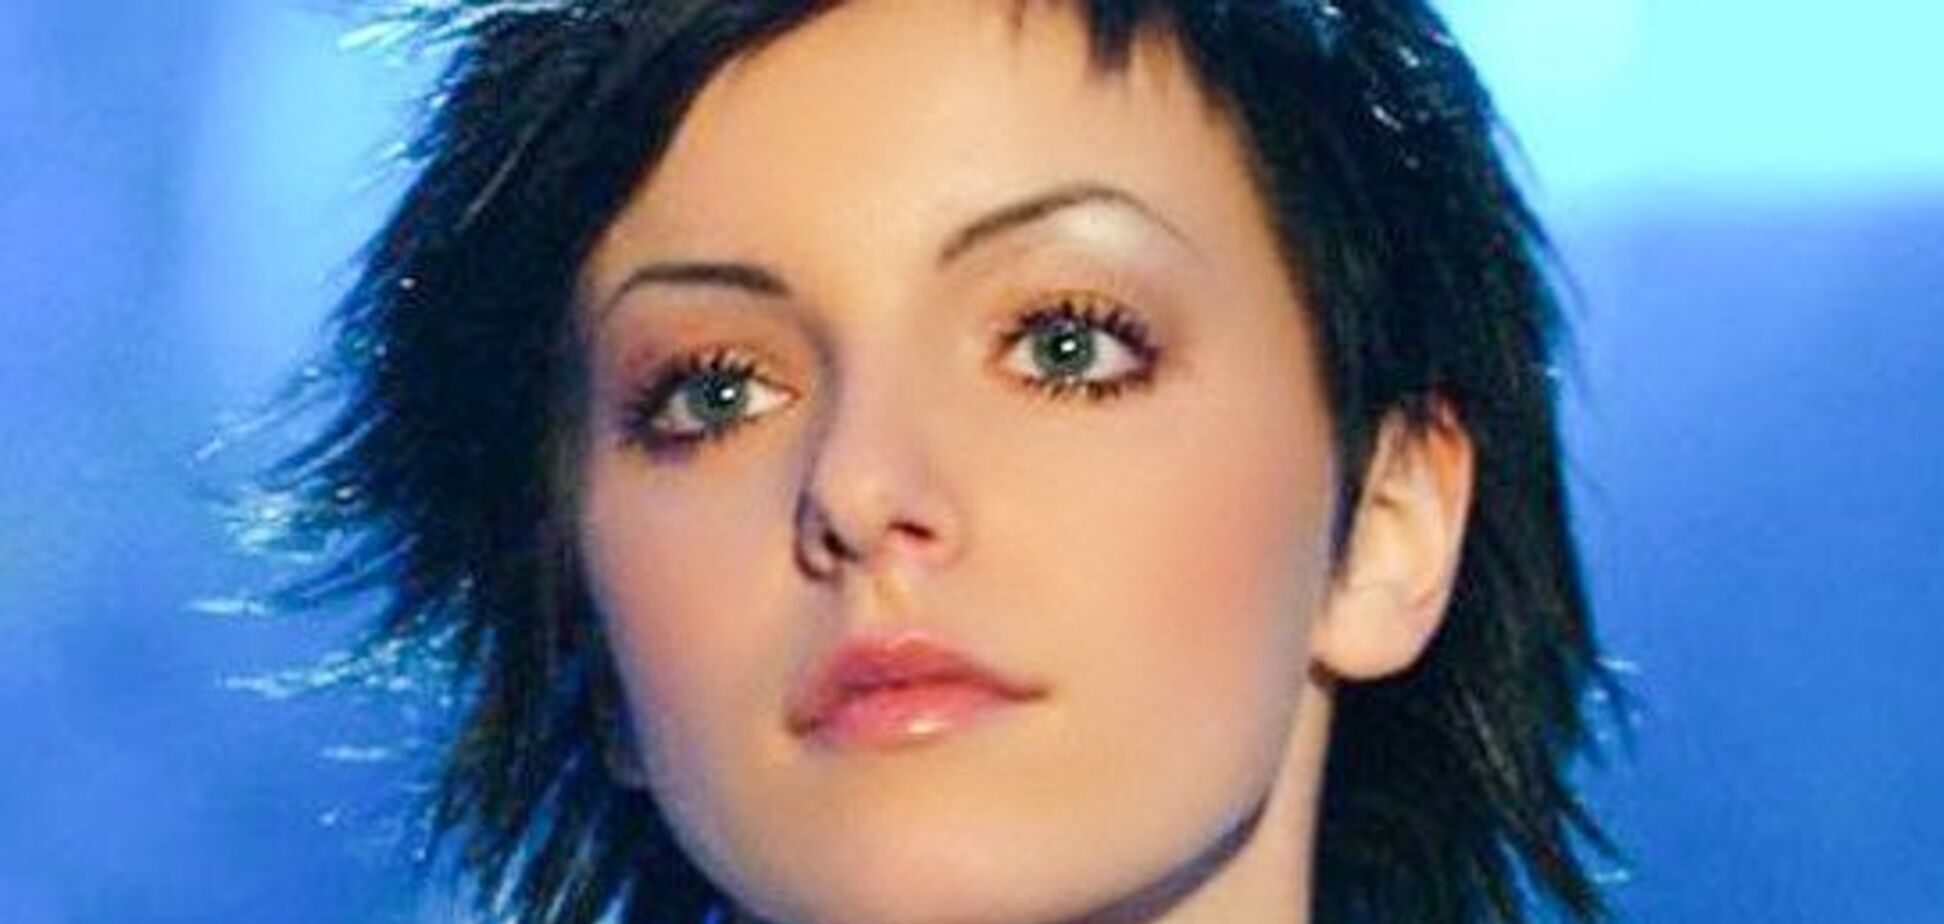 Увеличила губы и грудь: как выглядит Юлия Волкова из 'Тату' после пластики